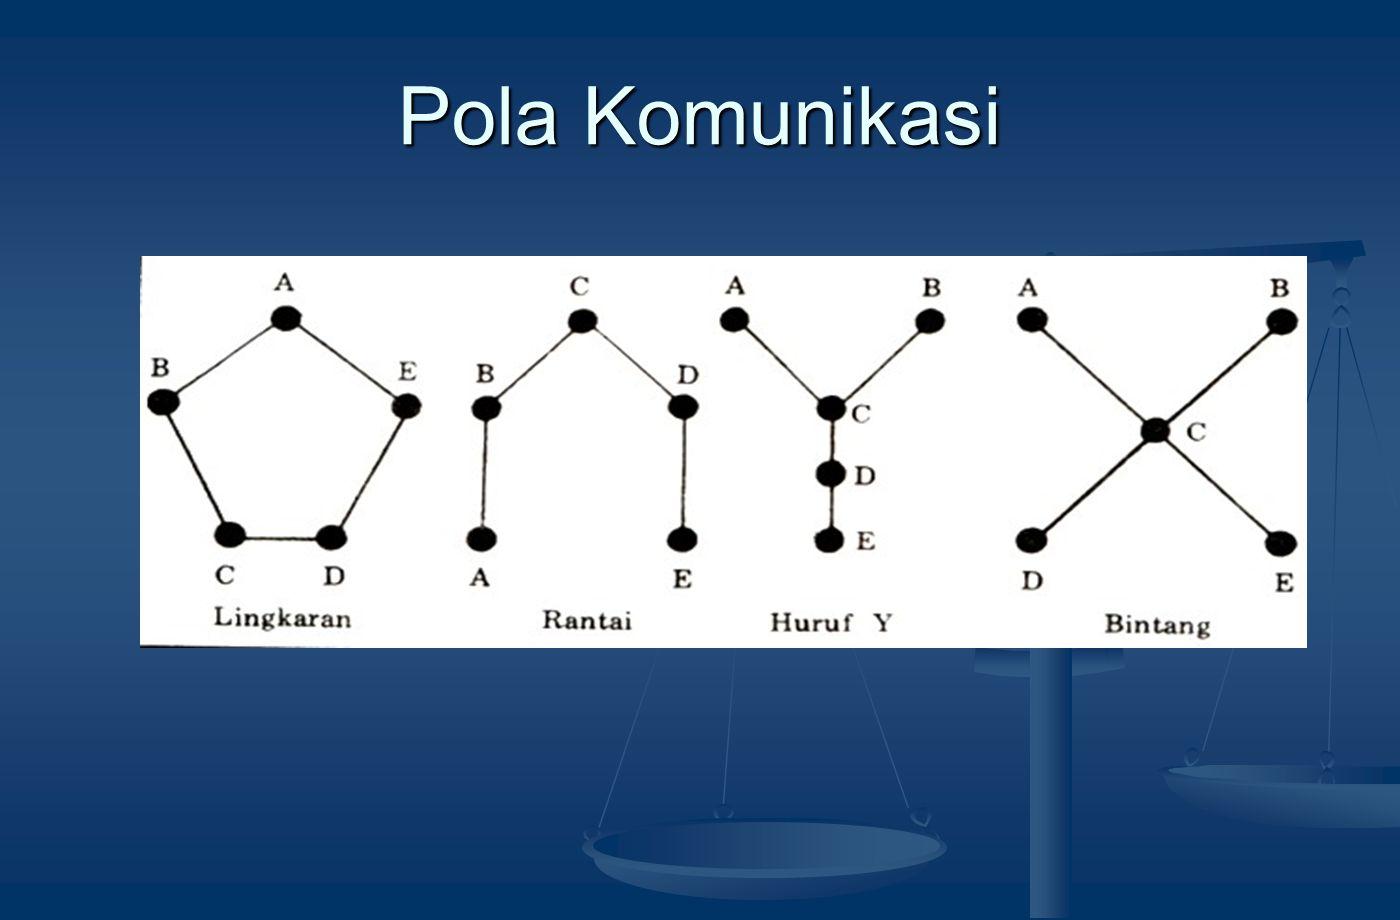 Pola Komunikasi